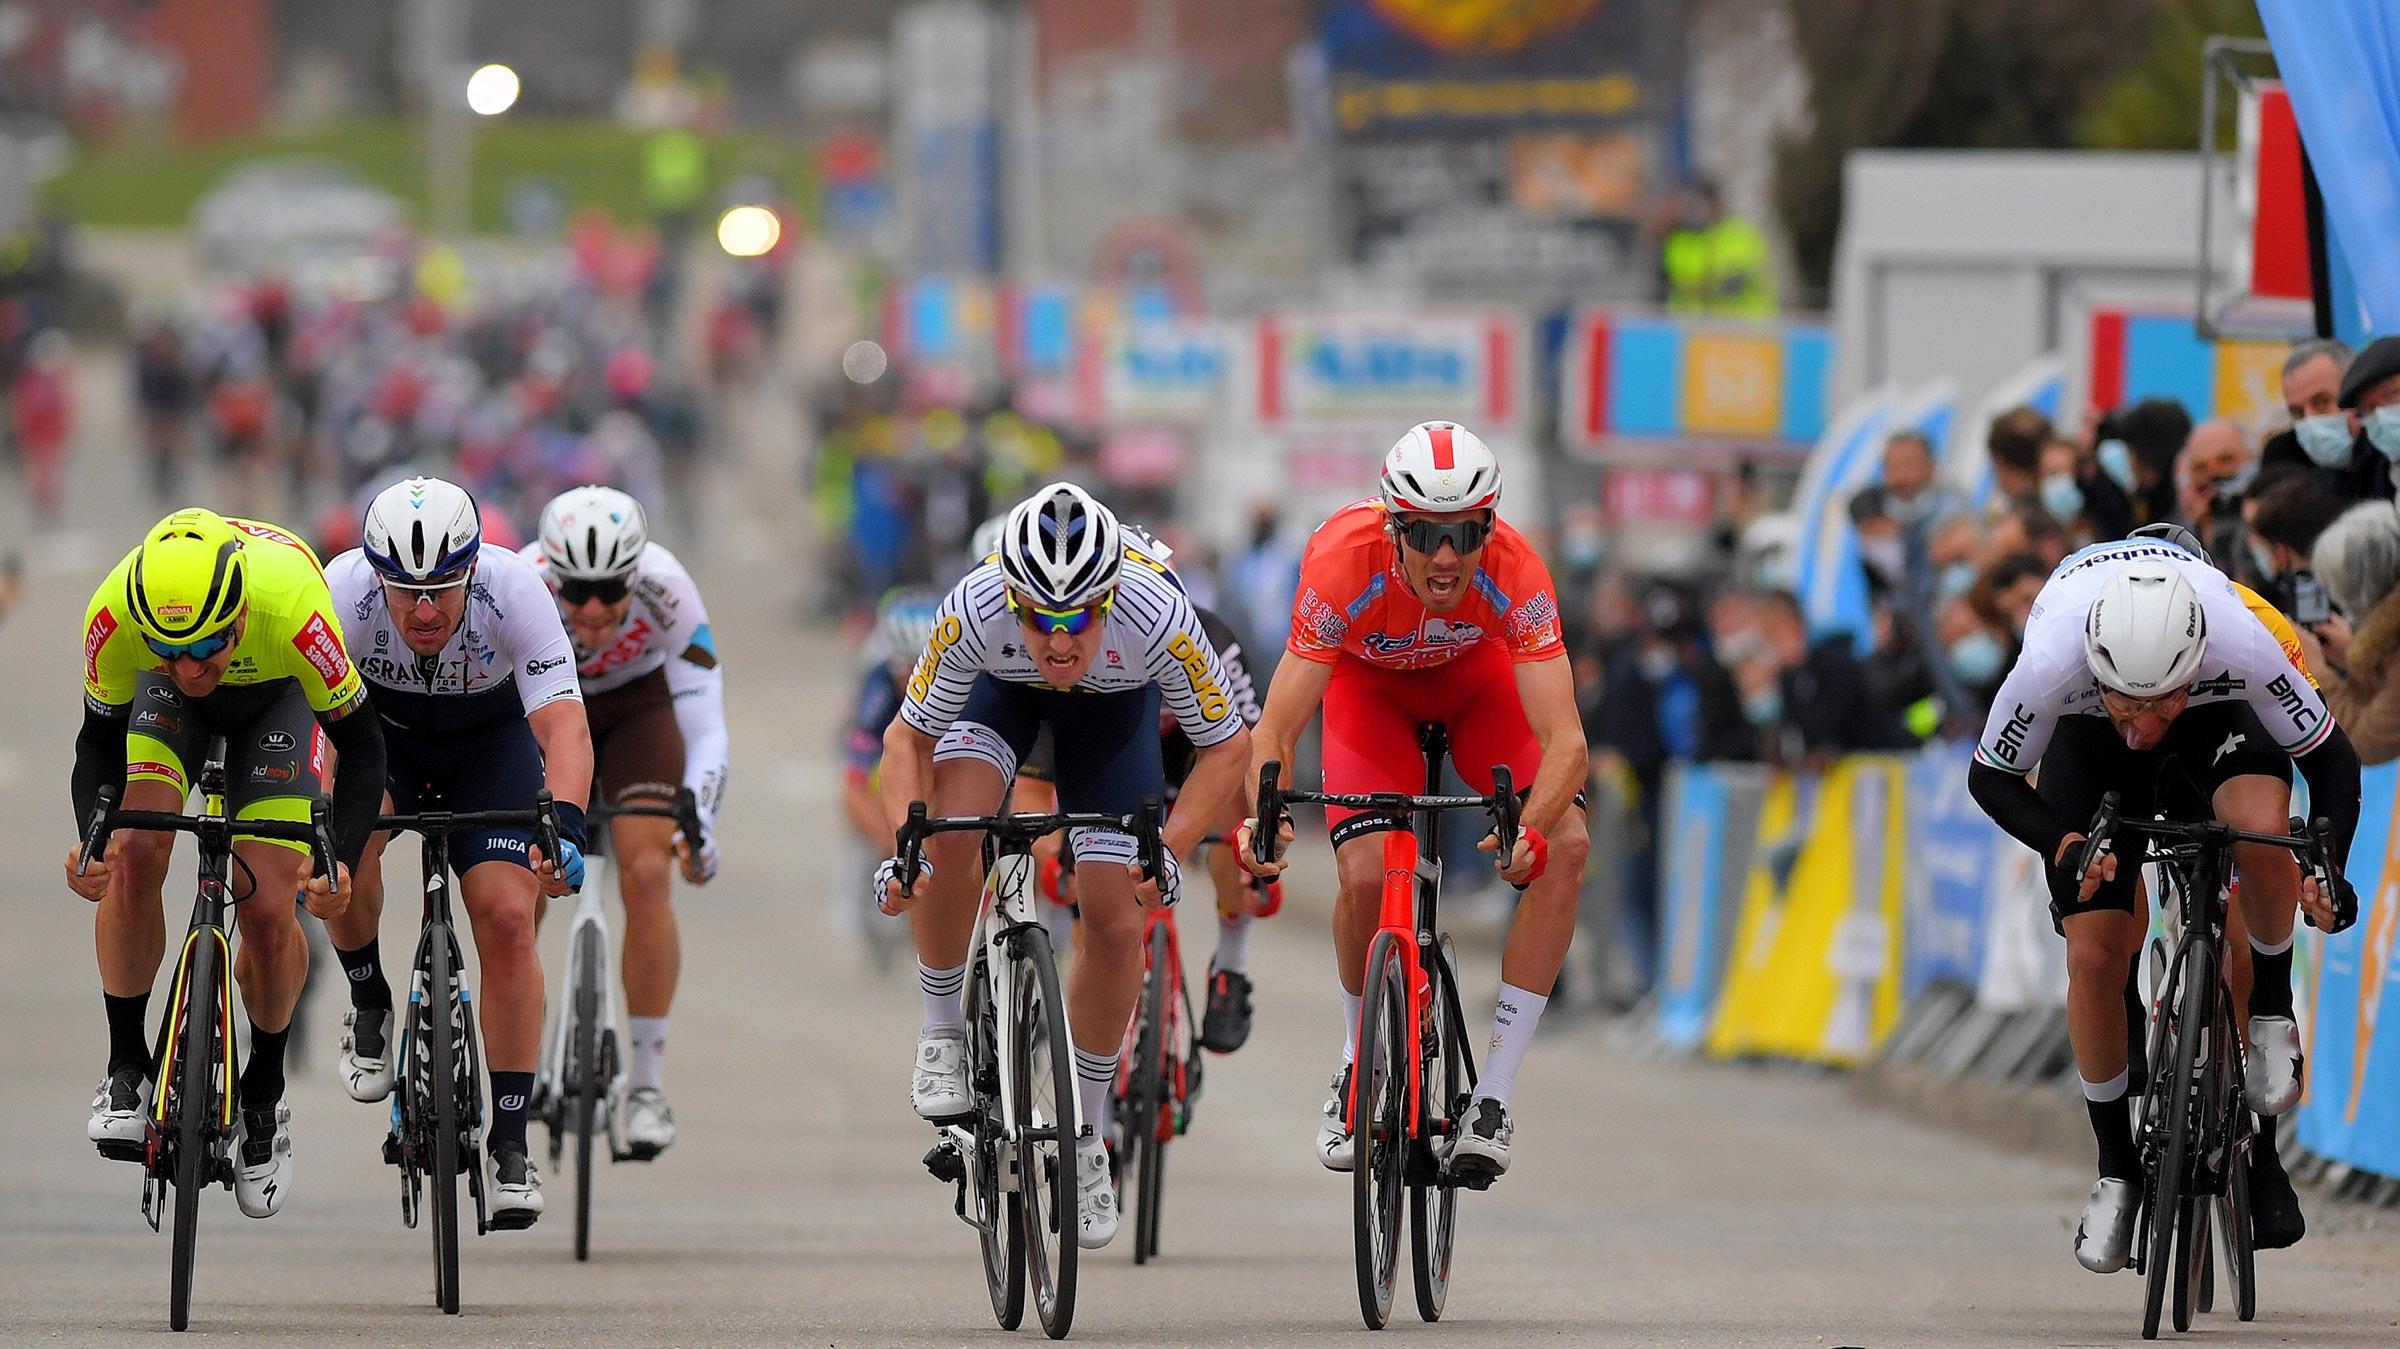 Timothy Dupont surpreende na segunda etapa da Étoile de Bessèges!